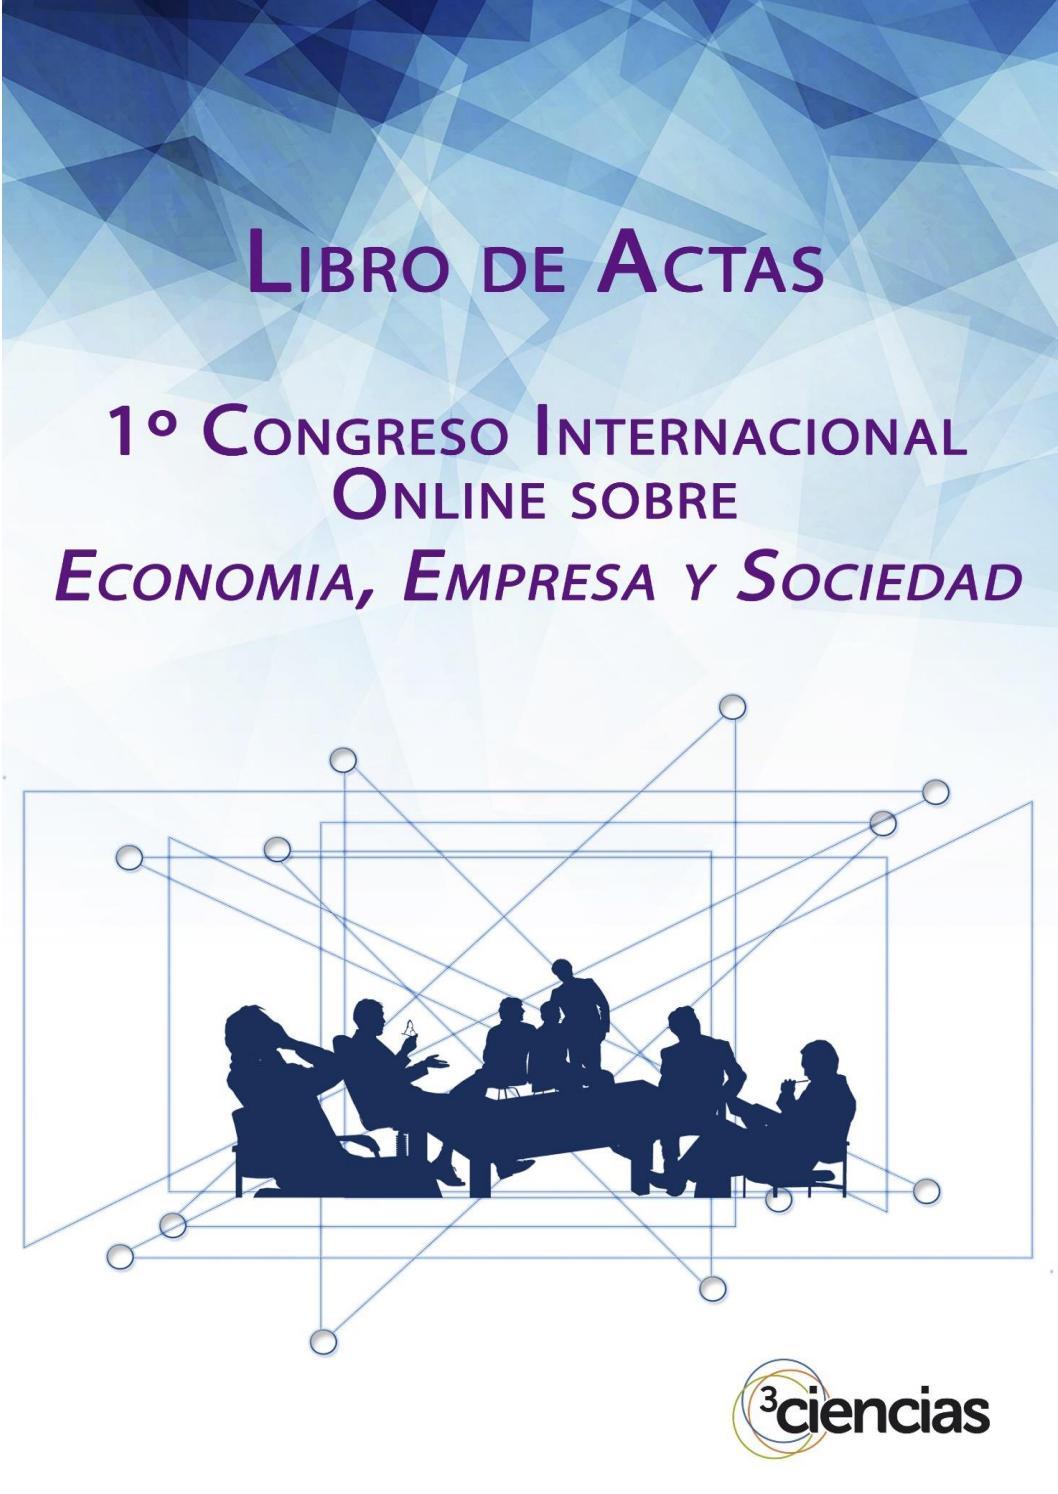 Congreso economia by Editorial Científica 3Ciencias - issuu